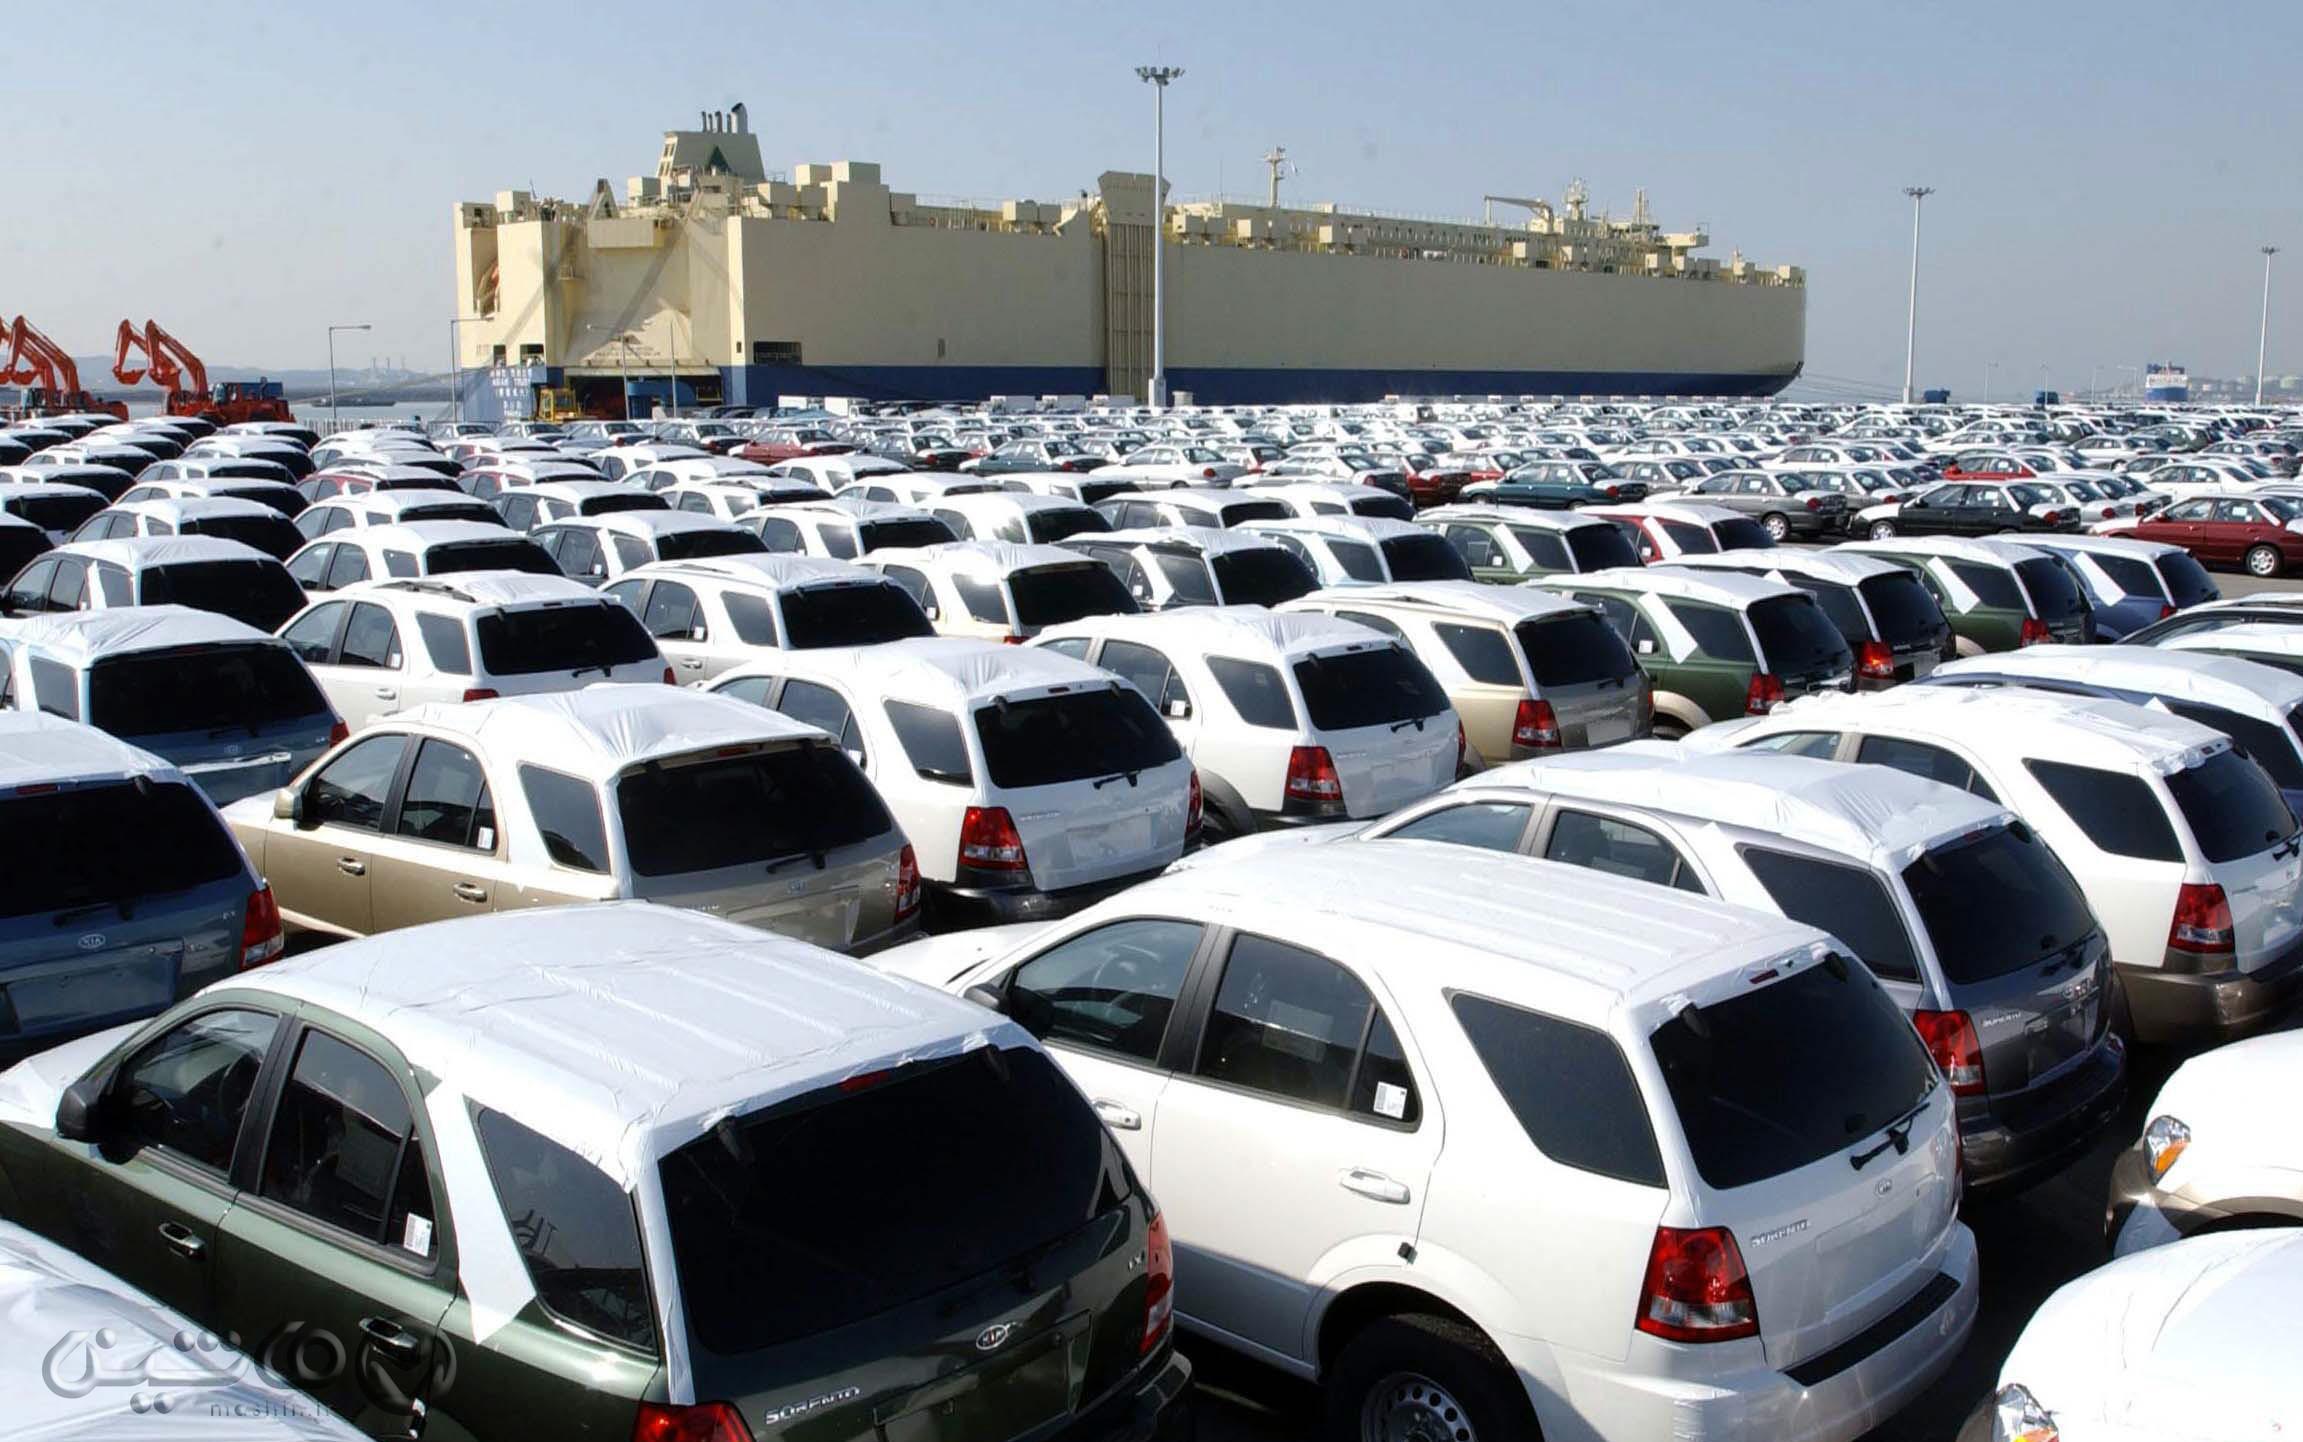 مشکلی در ترخیص خودروهای در گمرک مانده نیست/وزارت صمت پیگیری کند